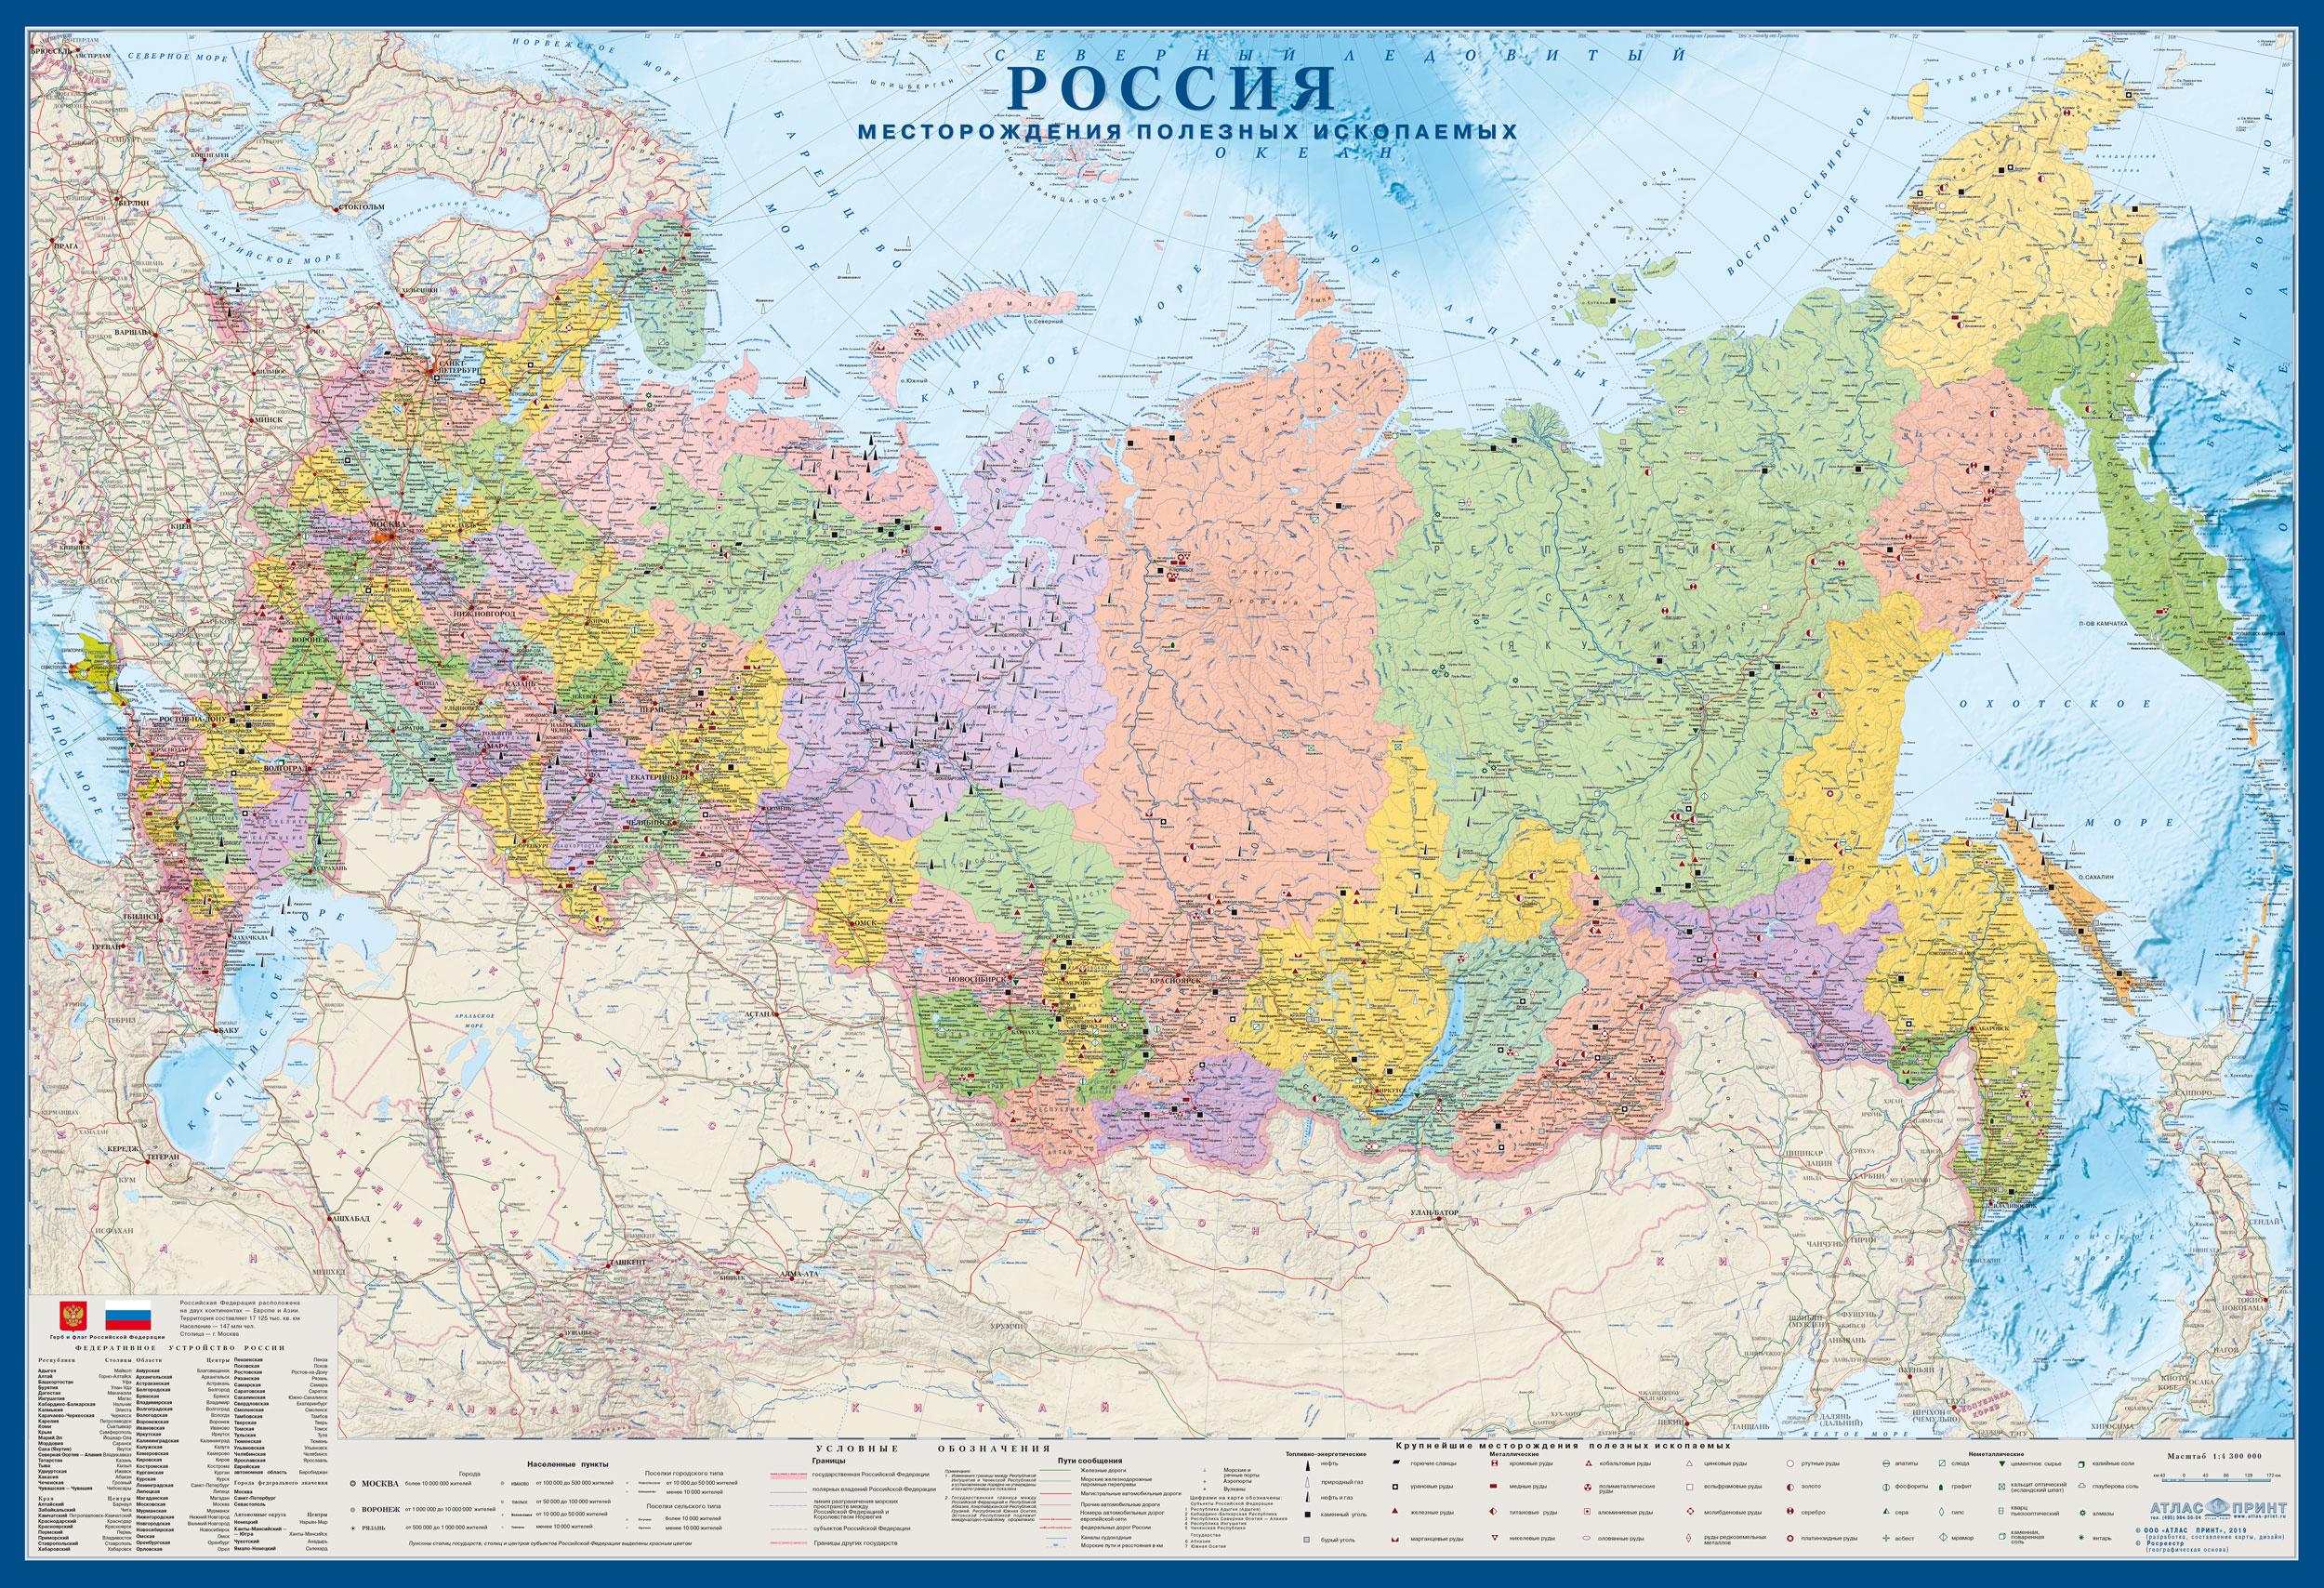 Настенная карта месторождений полезных ископаемых России (политико-административная)  2,00*1,36 м, ламинированная